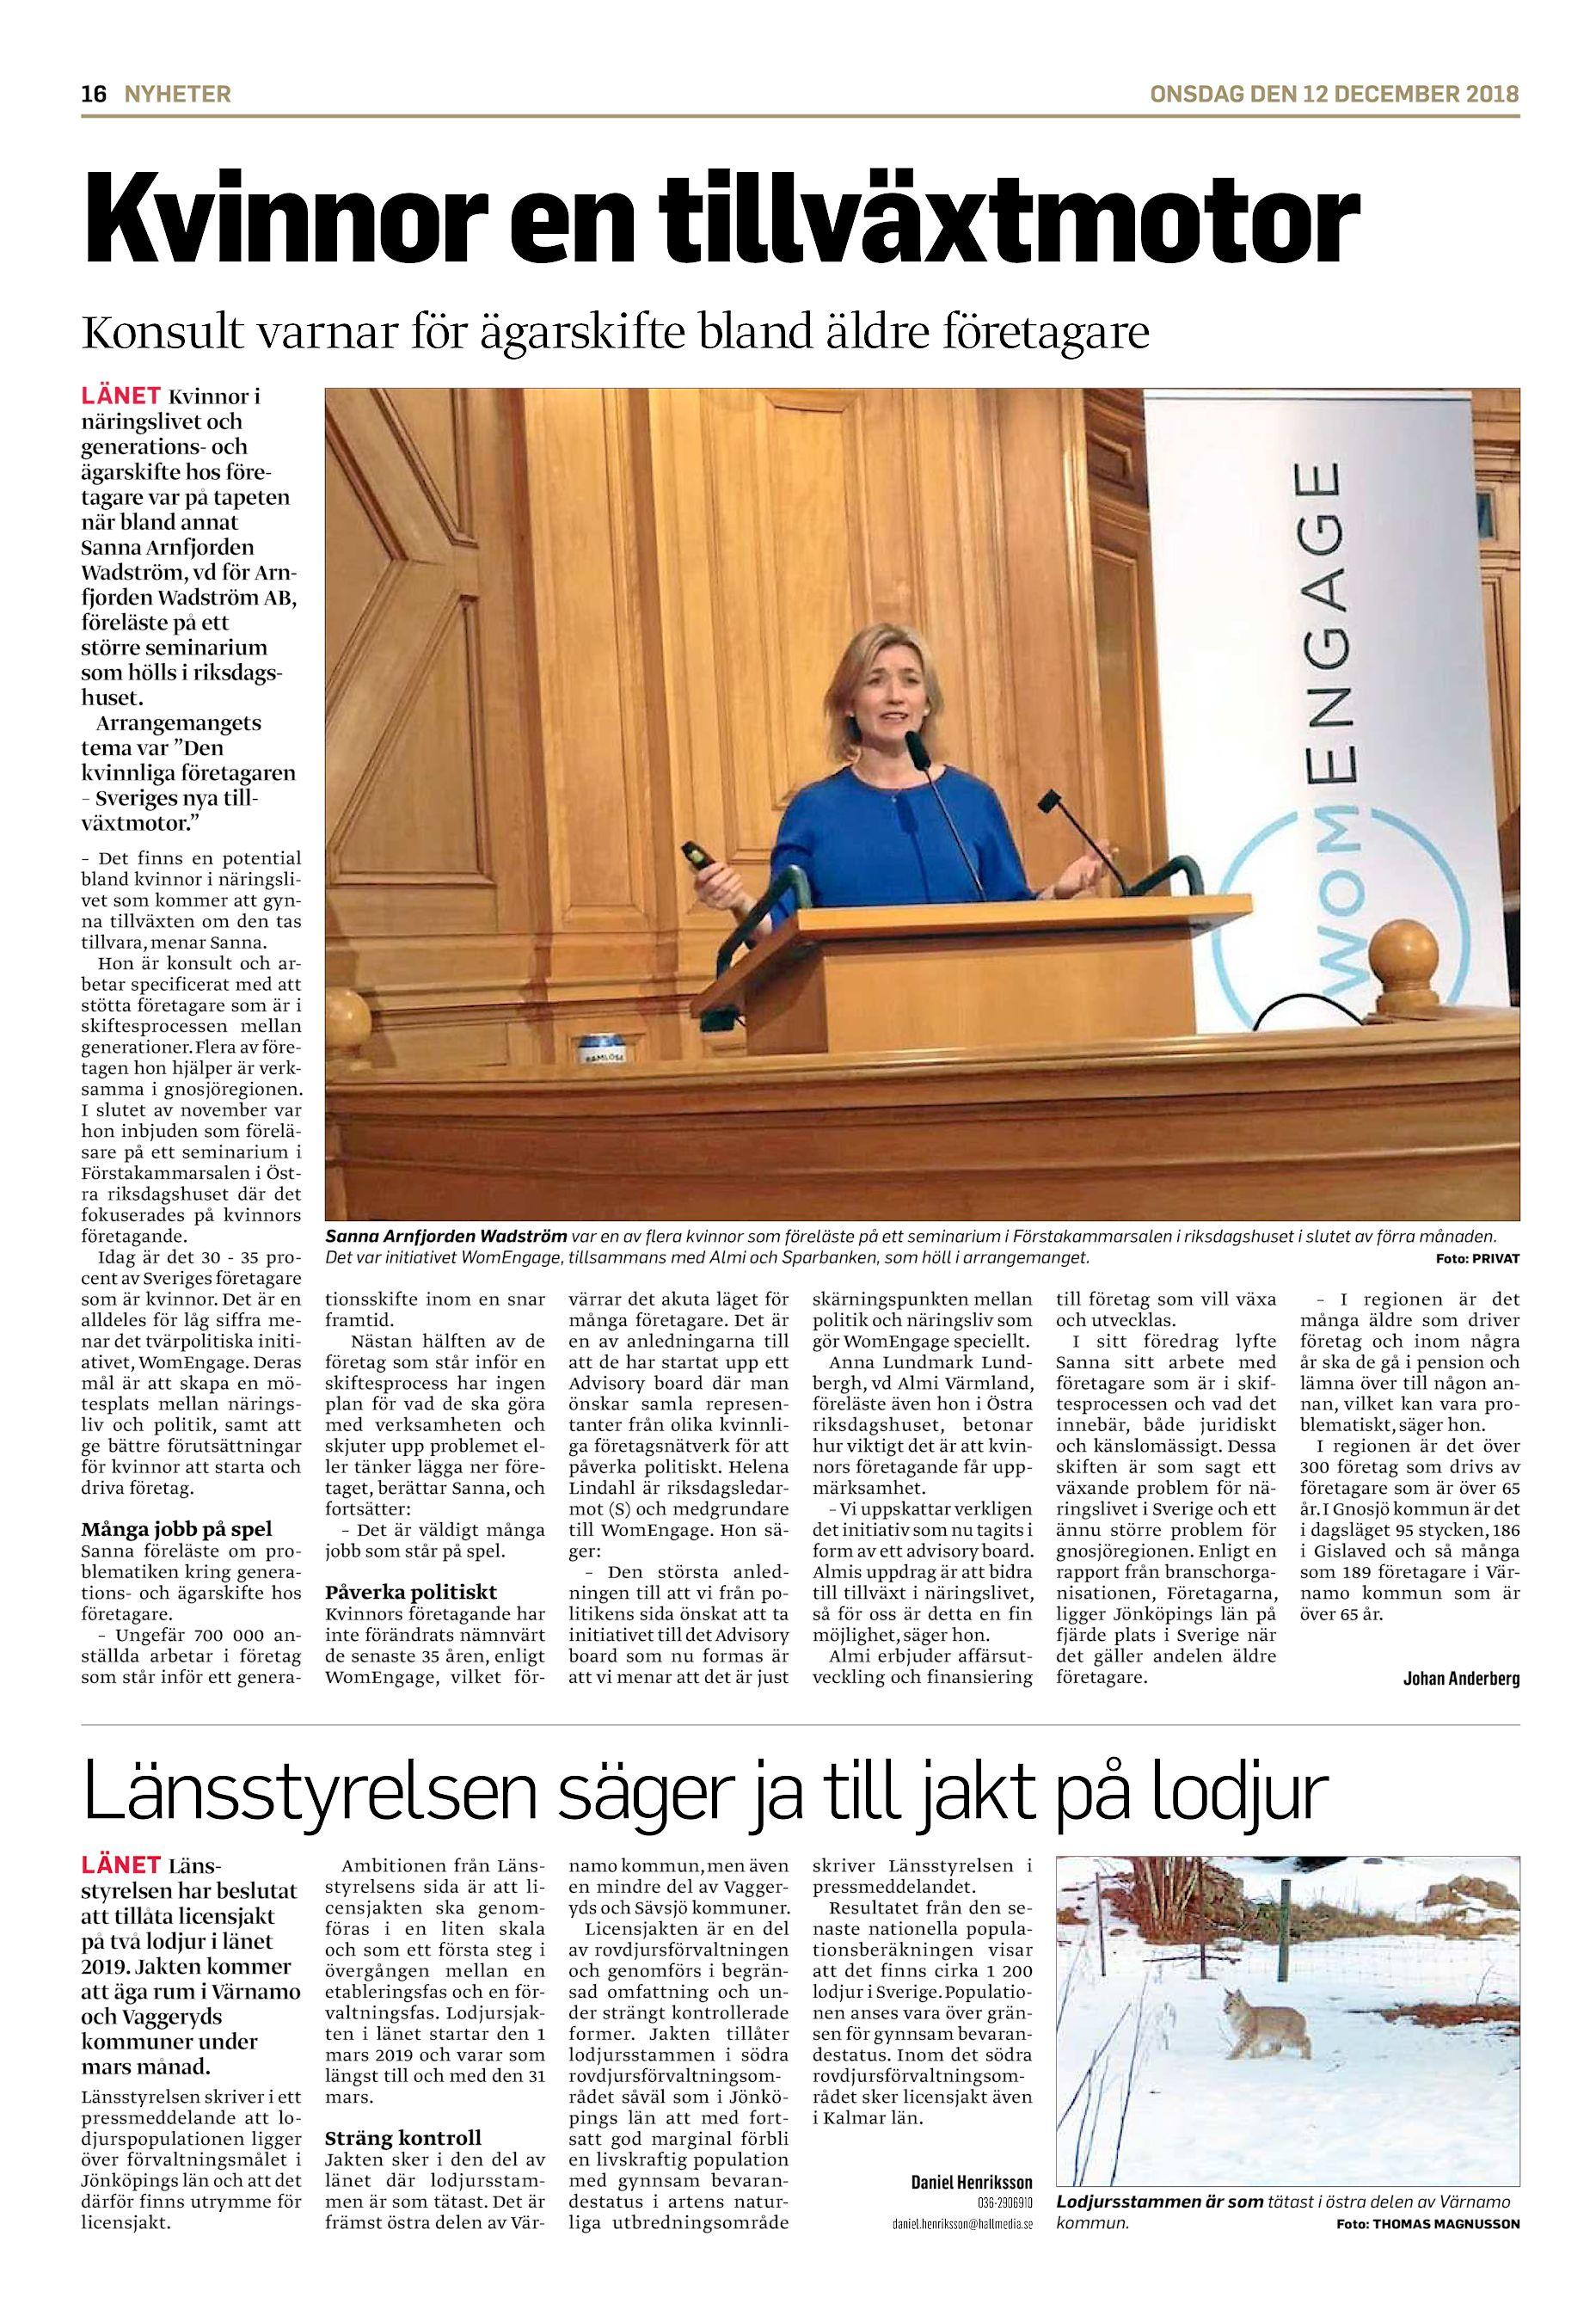 Tallgatan 4 Jnkpings Ln, Smlandsstenar - satisfaction-survey.net